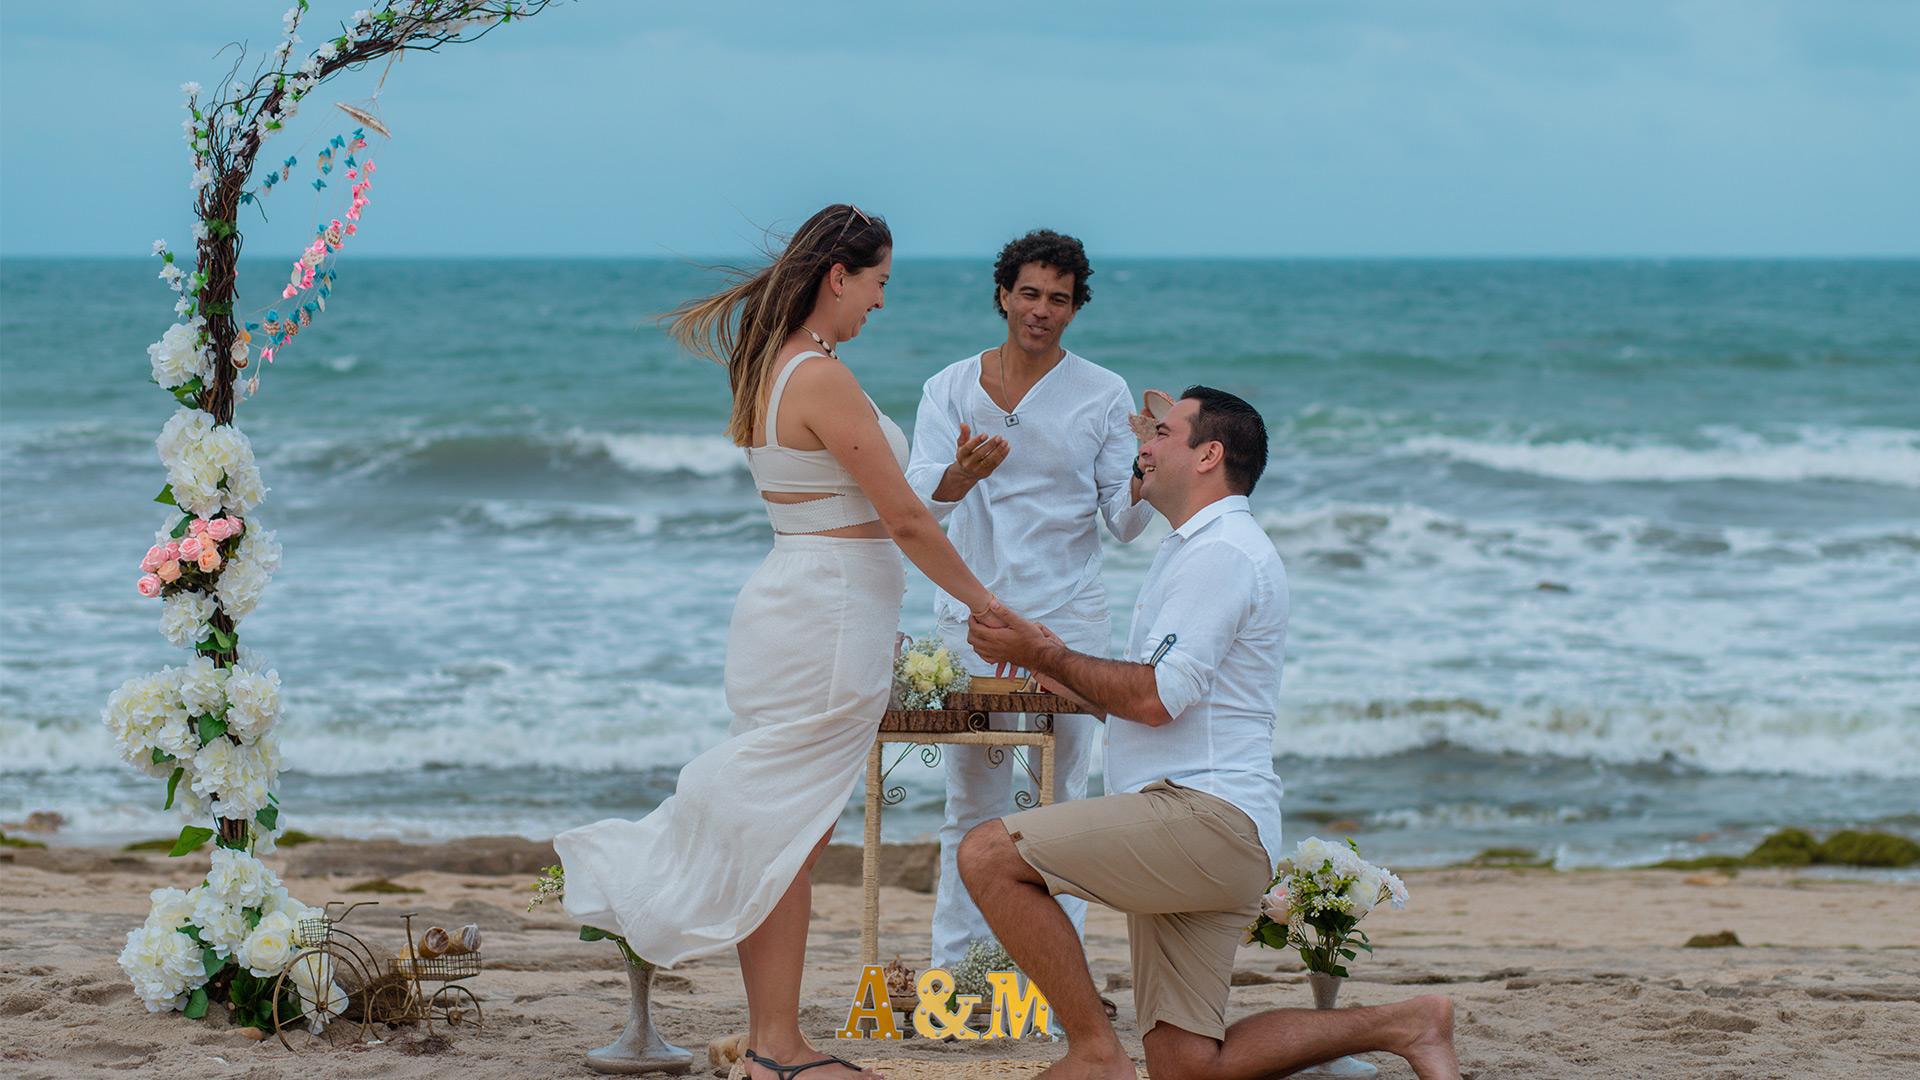 Pedido de Casamento em Jericoacoara com namorado ajoelhado segurando a mão da namorada